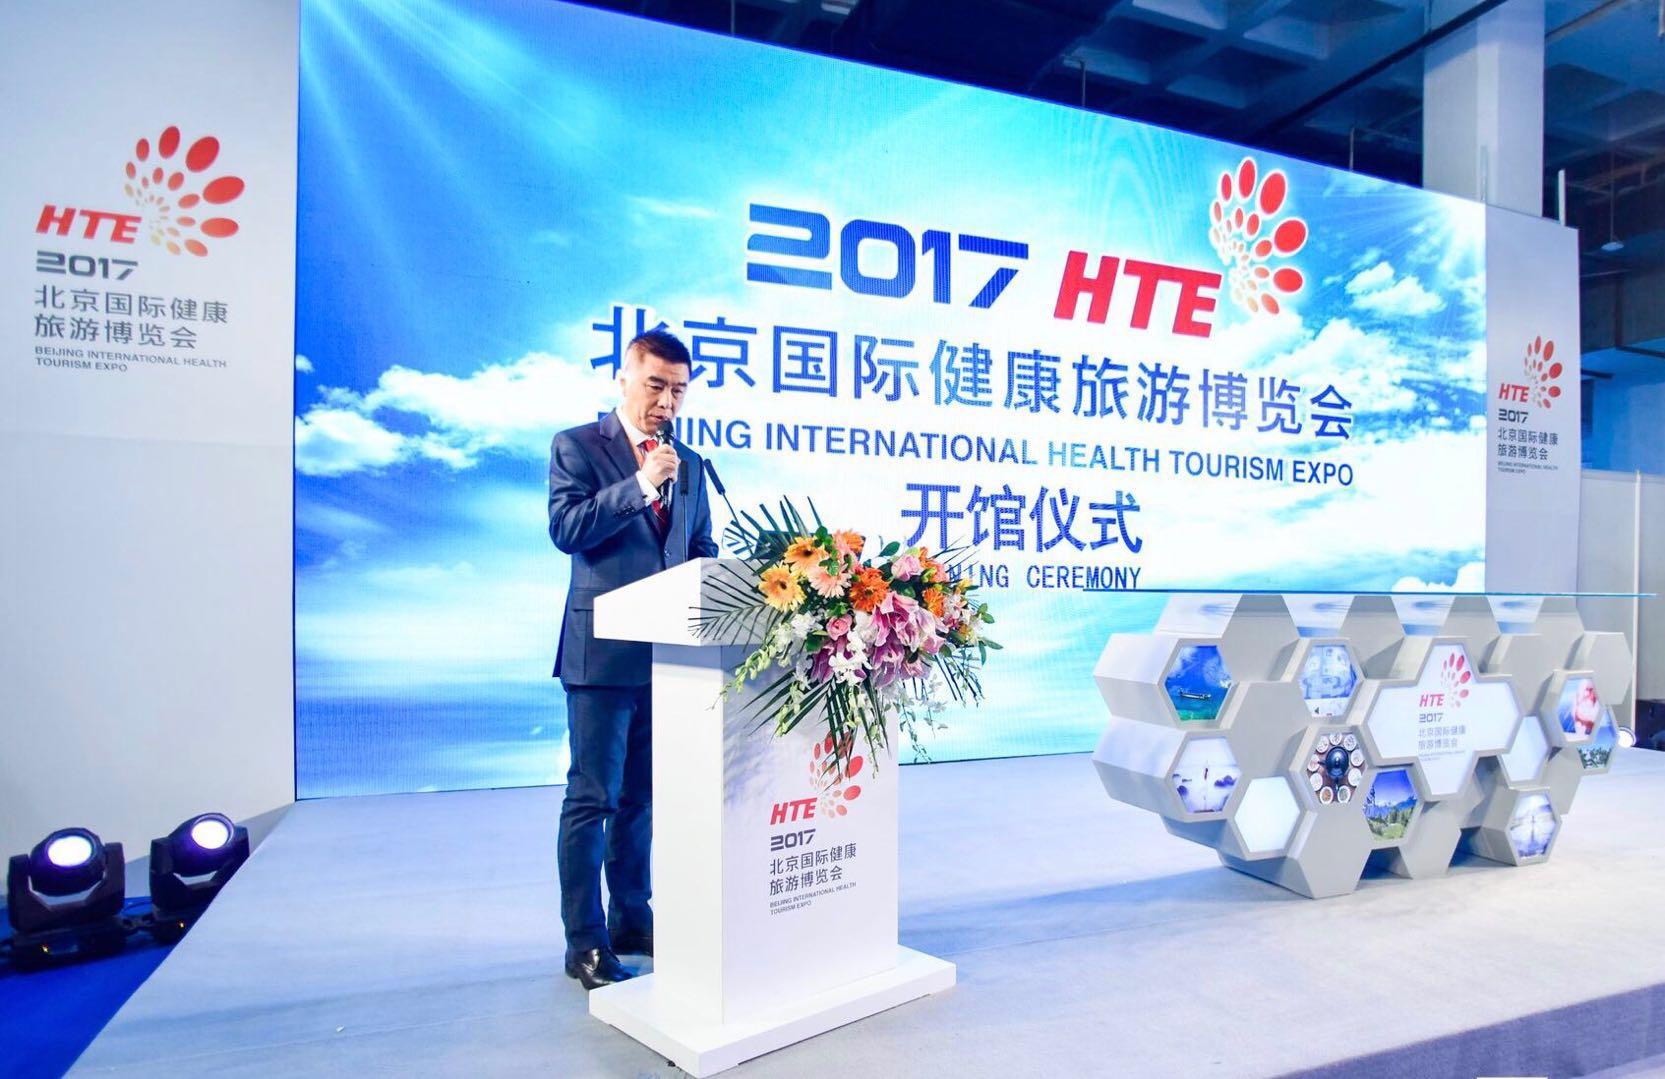 HTE:首届北京国际健康旅游博览会今日开幕